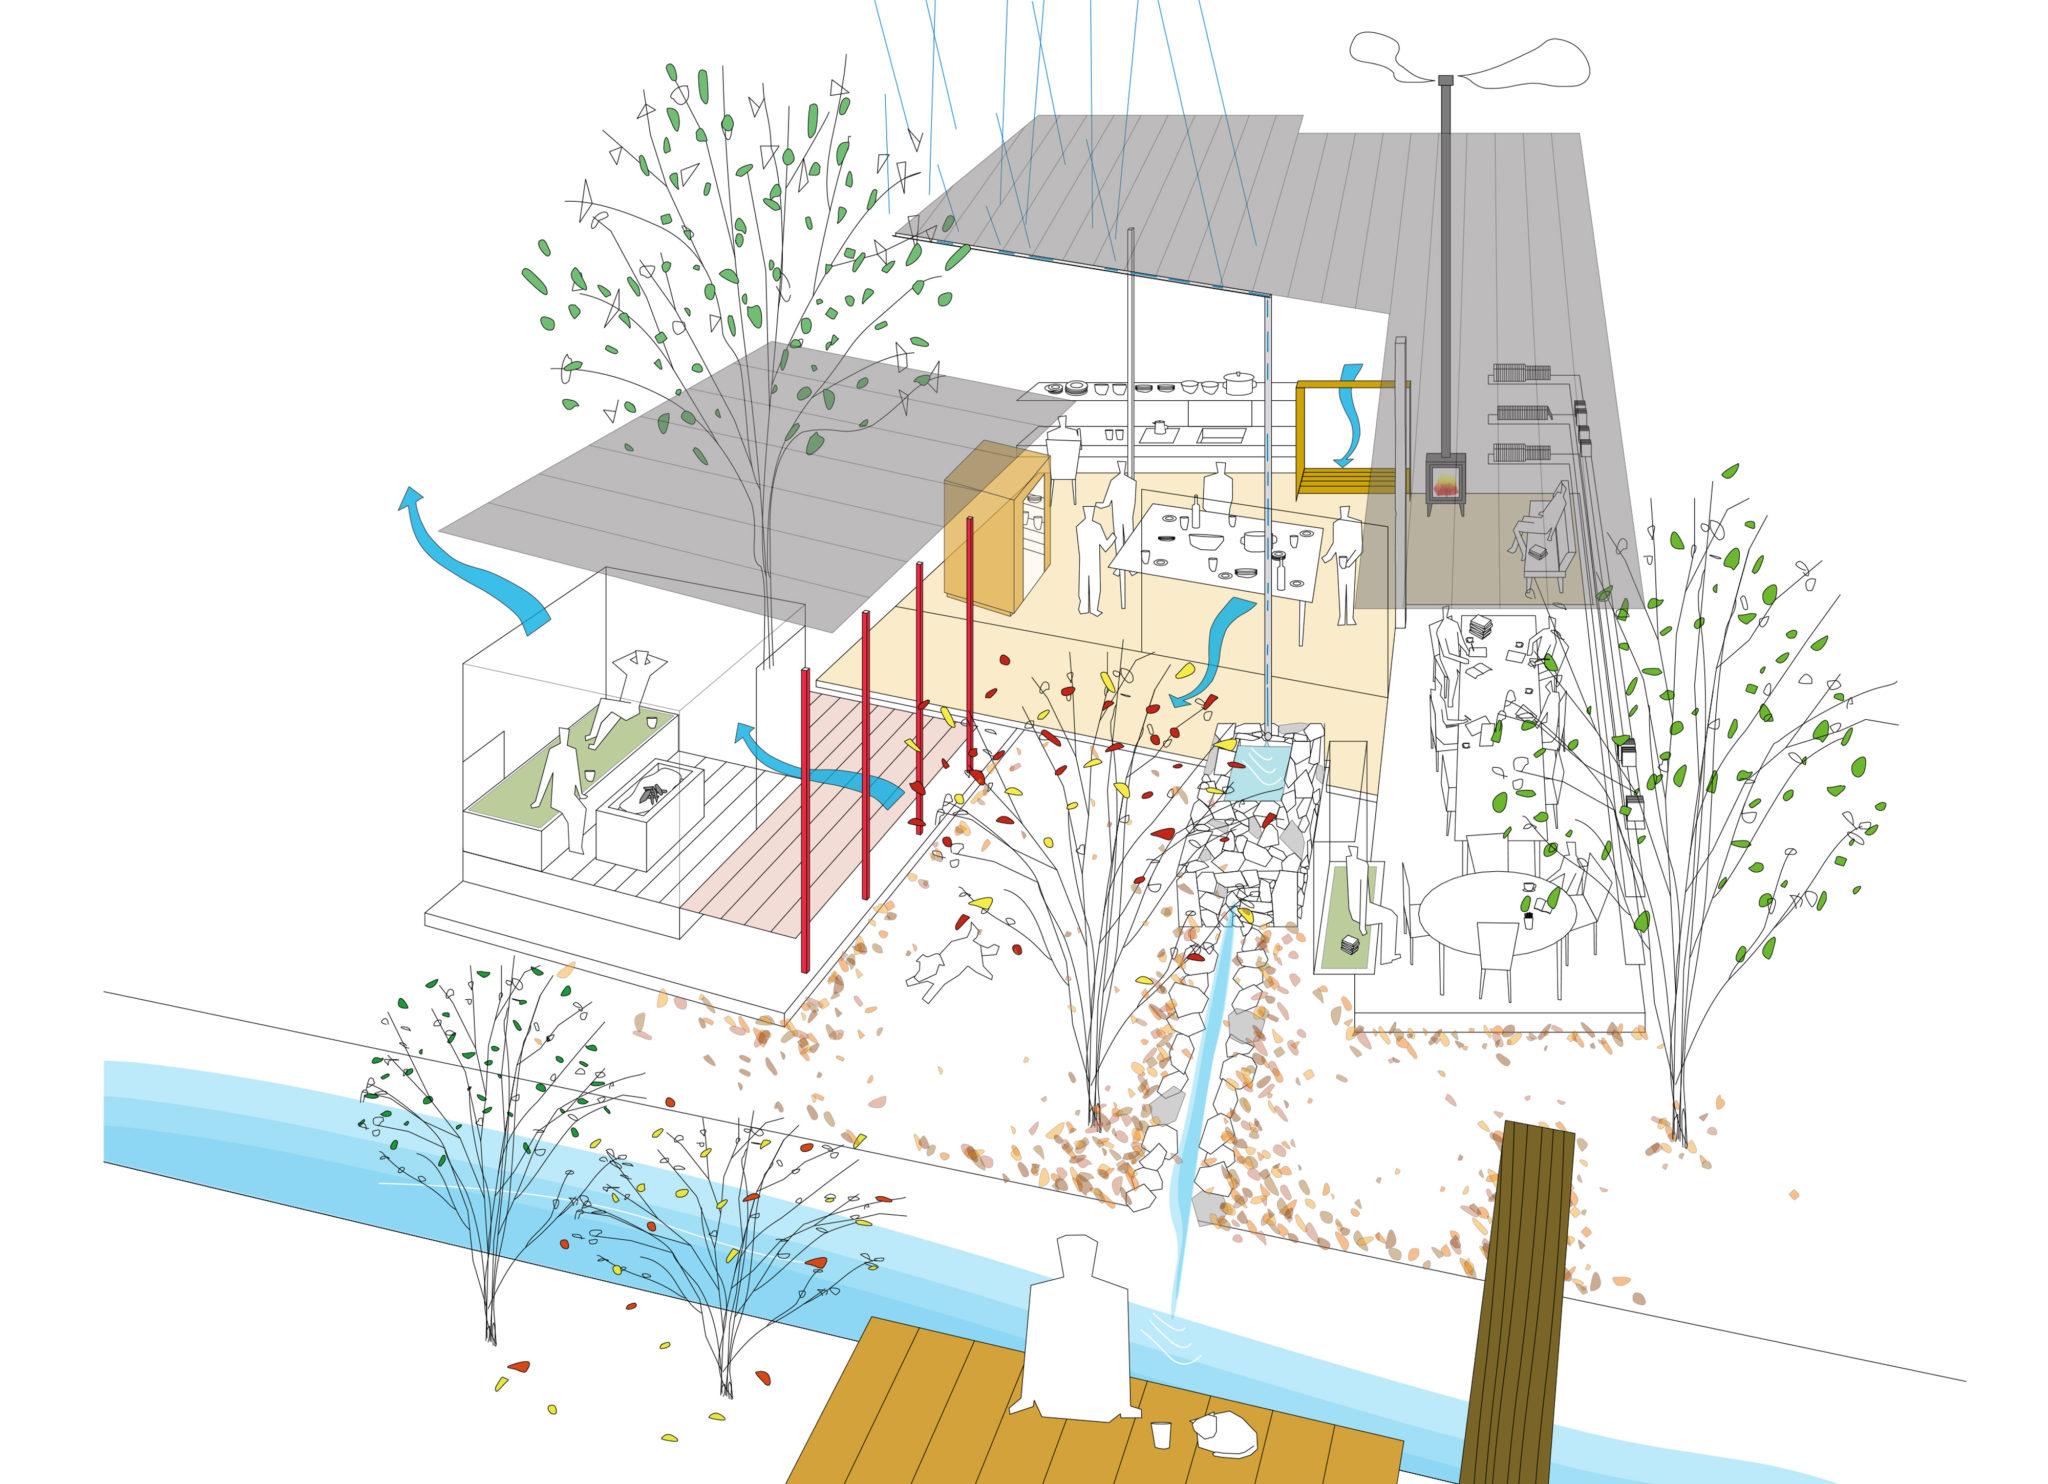 ぷらん・にじゅういち趙海光設計現代町家の離れ図面